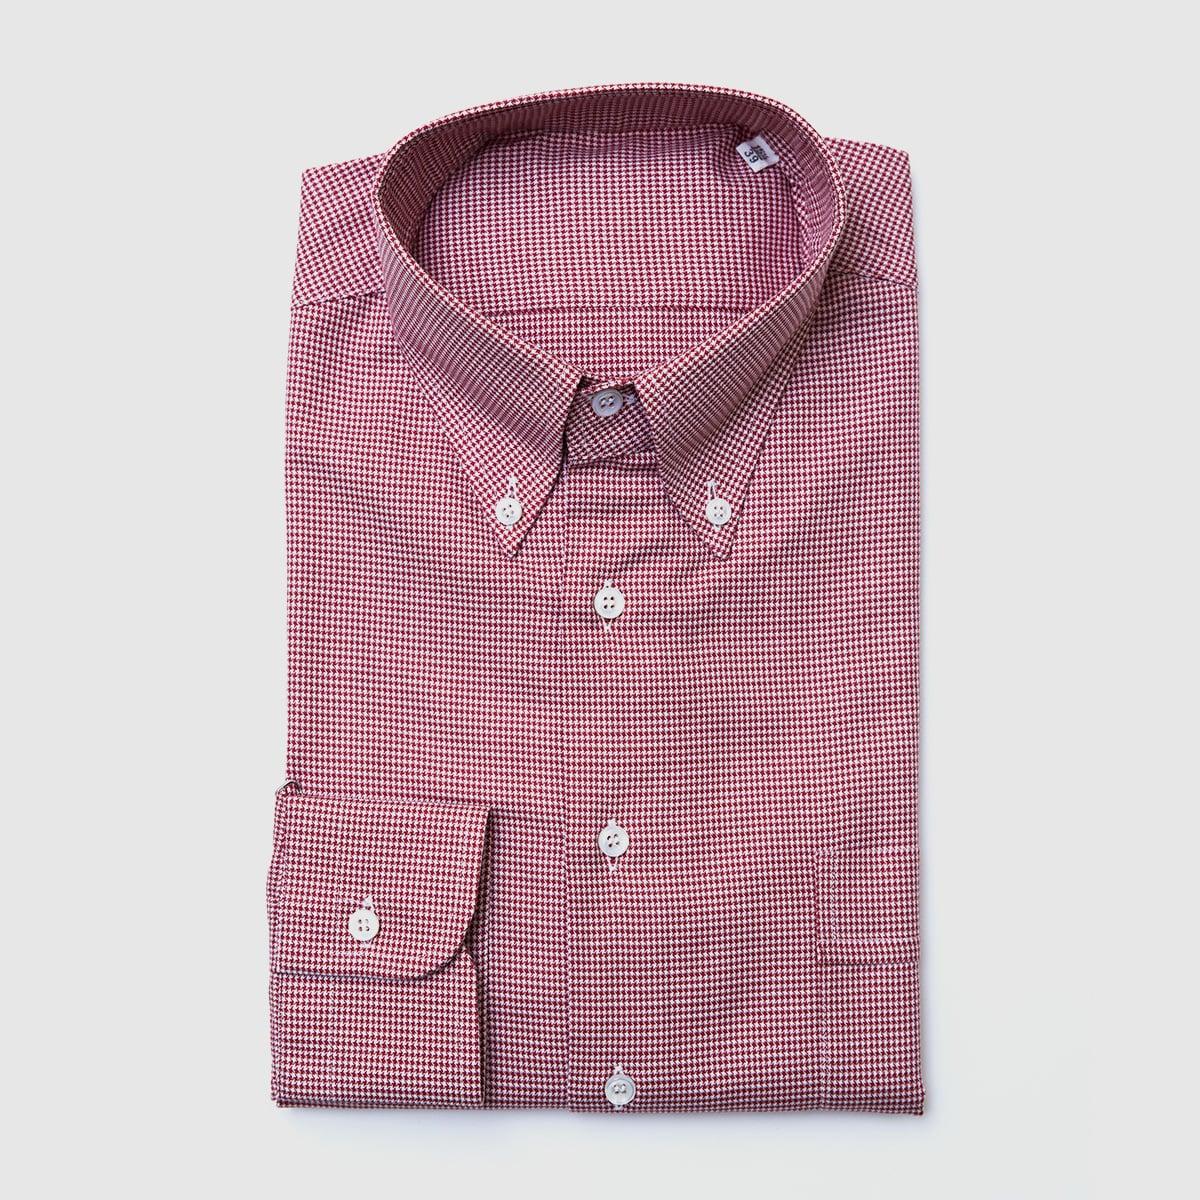 Oxford Pied de poule shirt